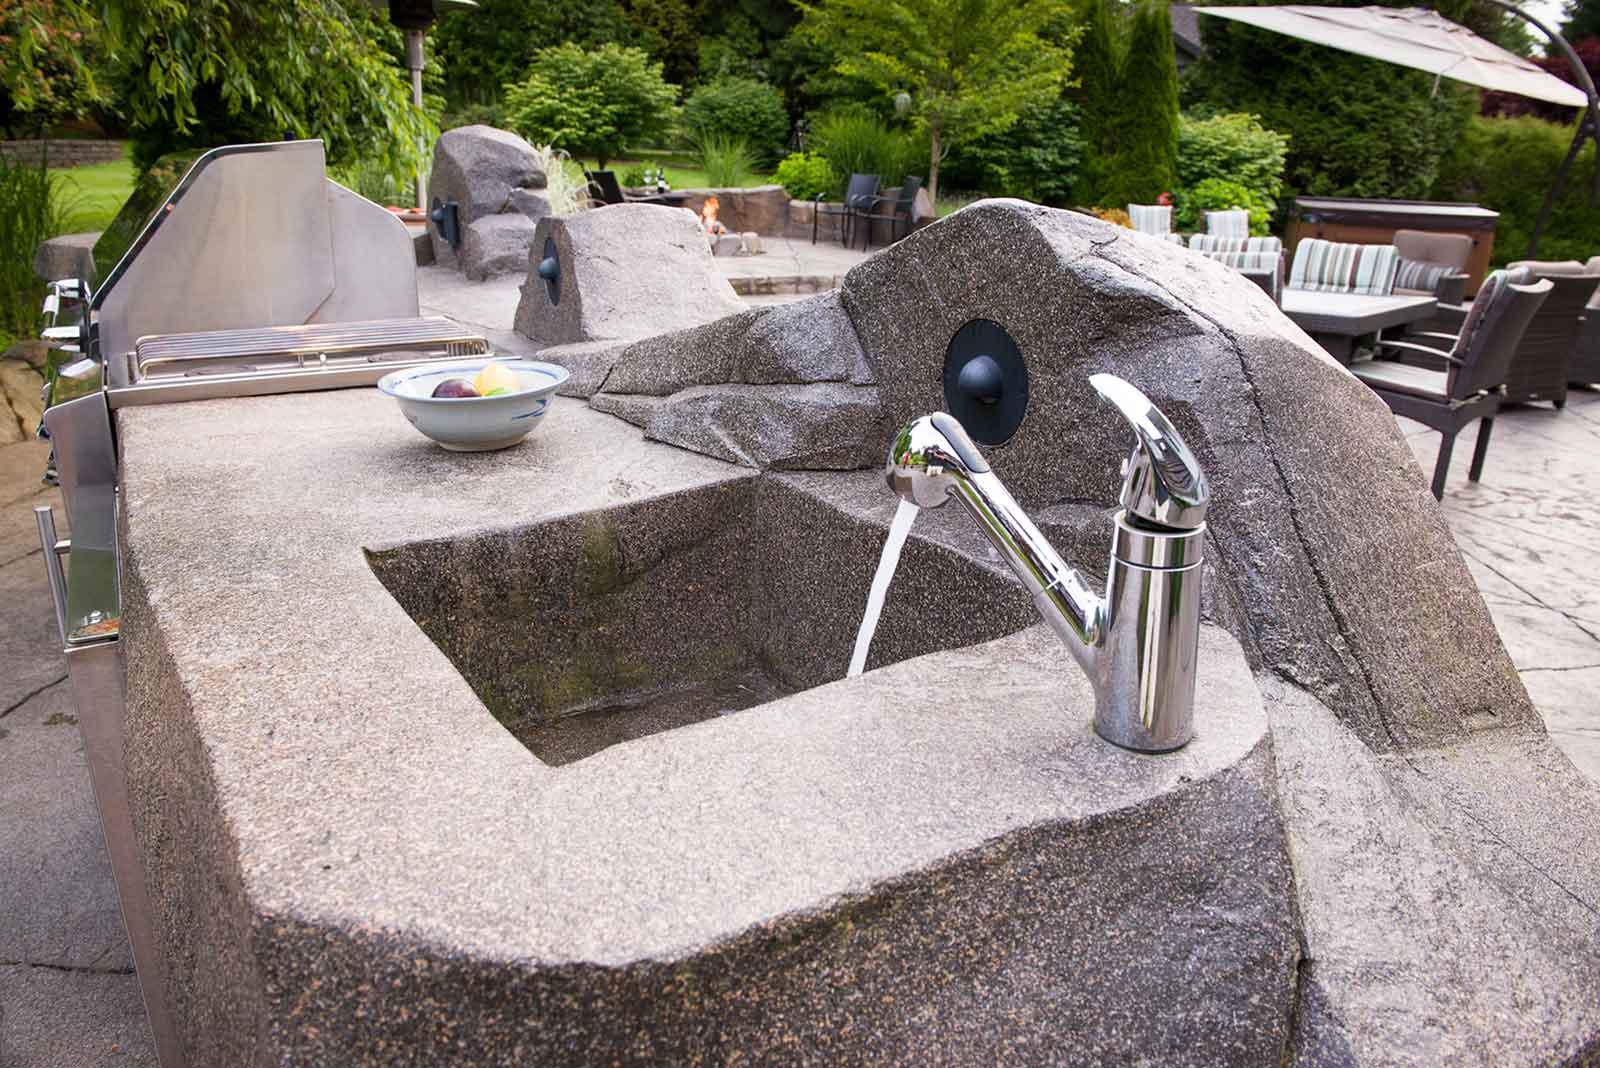 Outdoor-kitchen-sink-Koz030 - Azuro Concepts